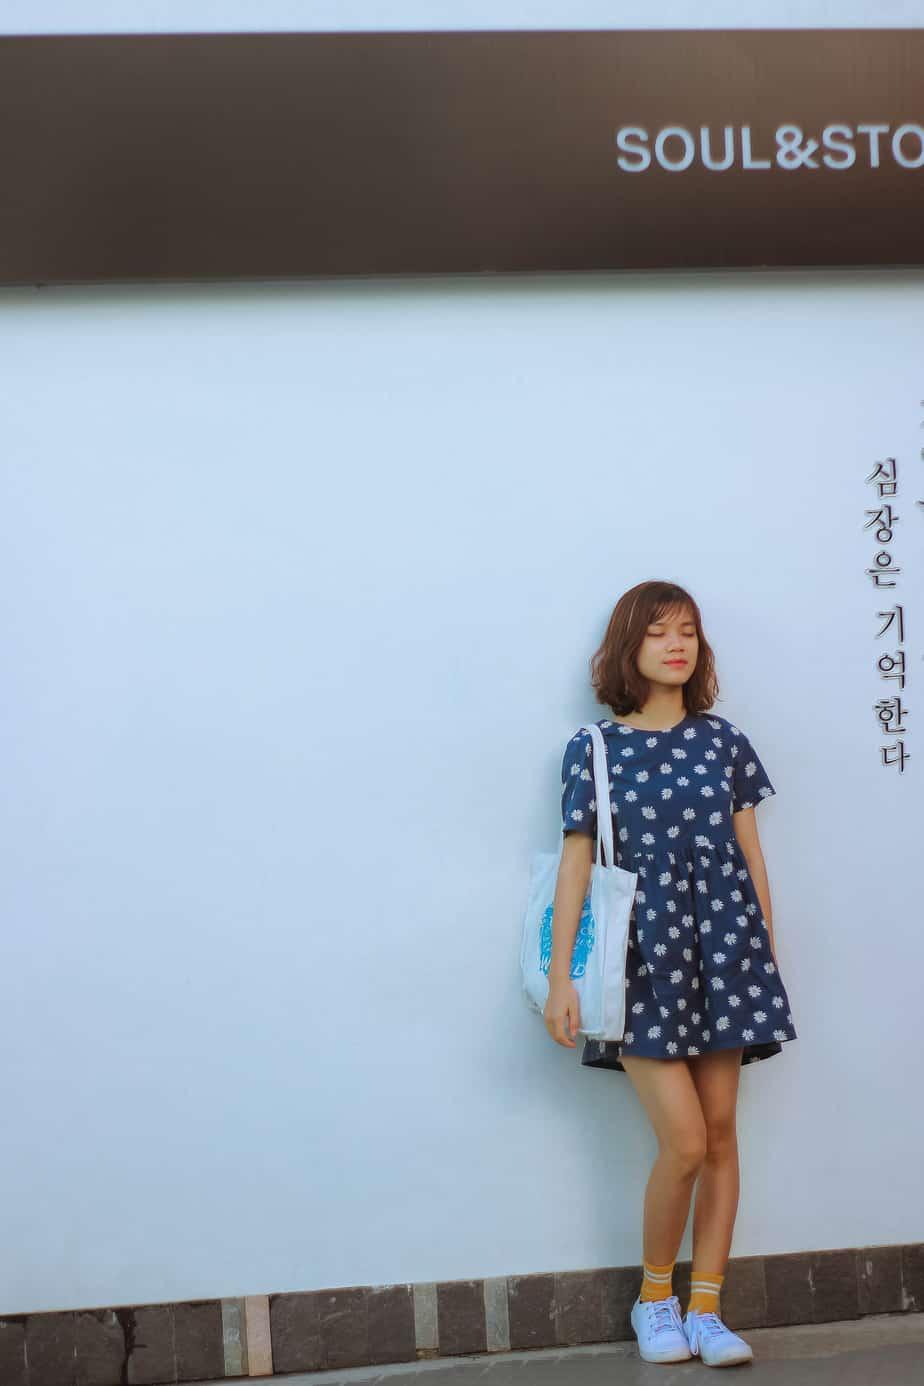 những điểm chụp hình đẹp ở đà lạt-soul story - dulichso.vn - Dichvuhay.vn